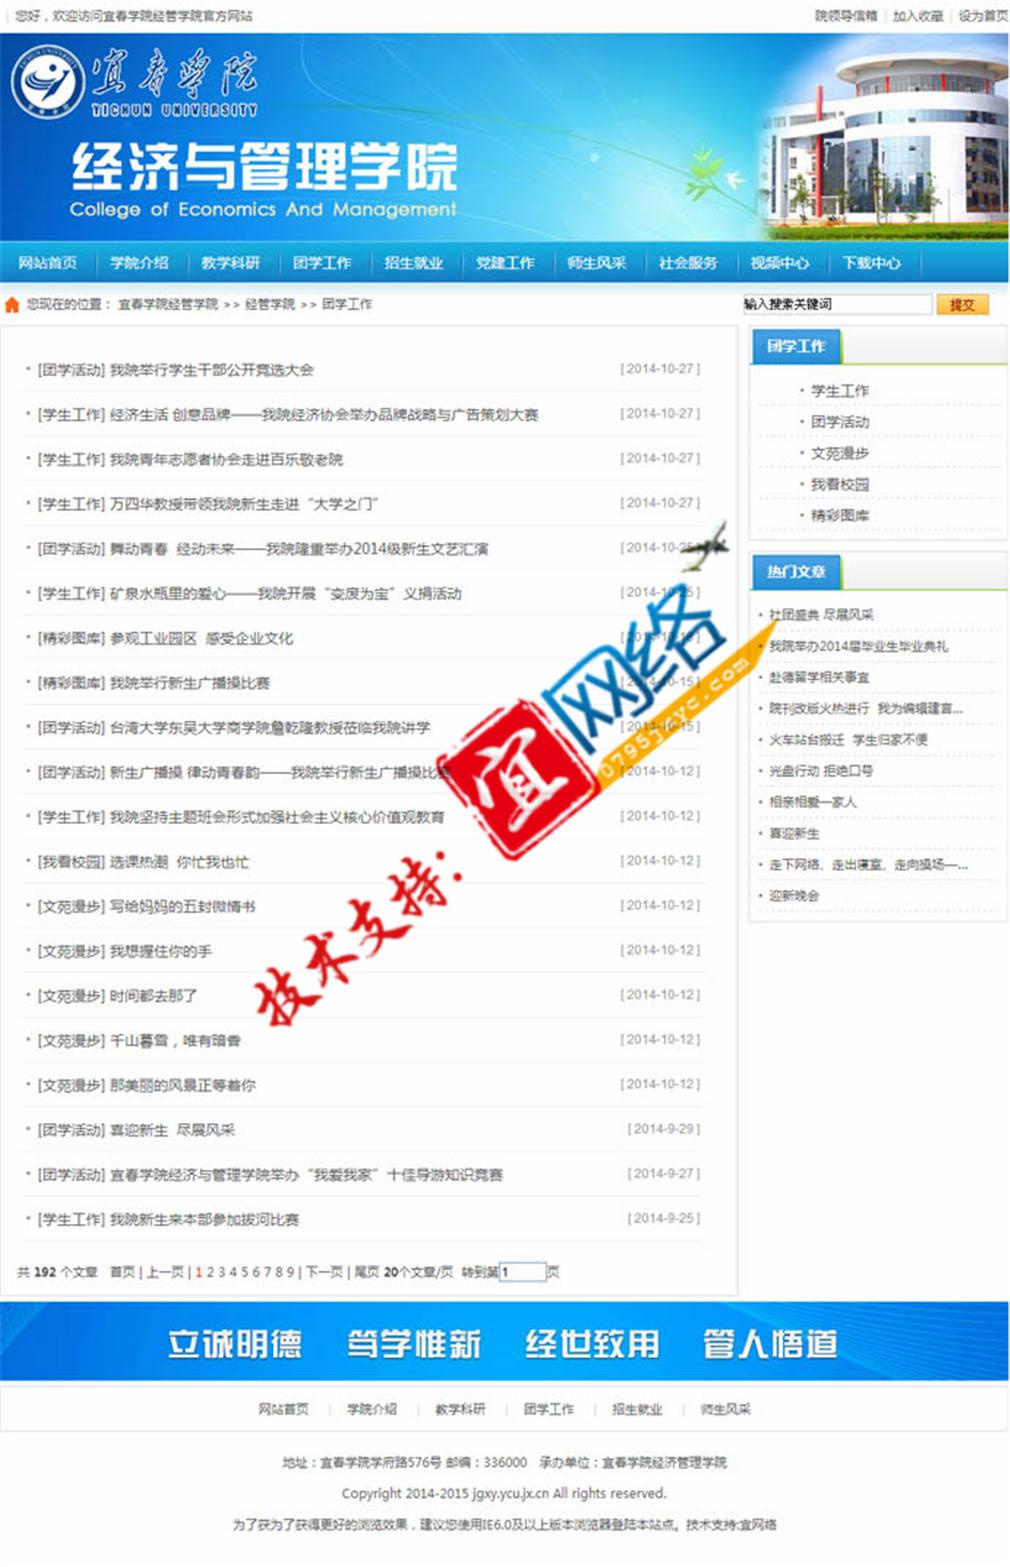 宜春学院经管学院m6米乐官网栏目页